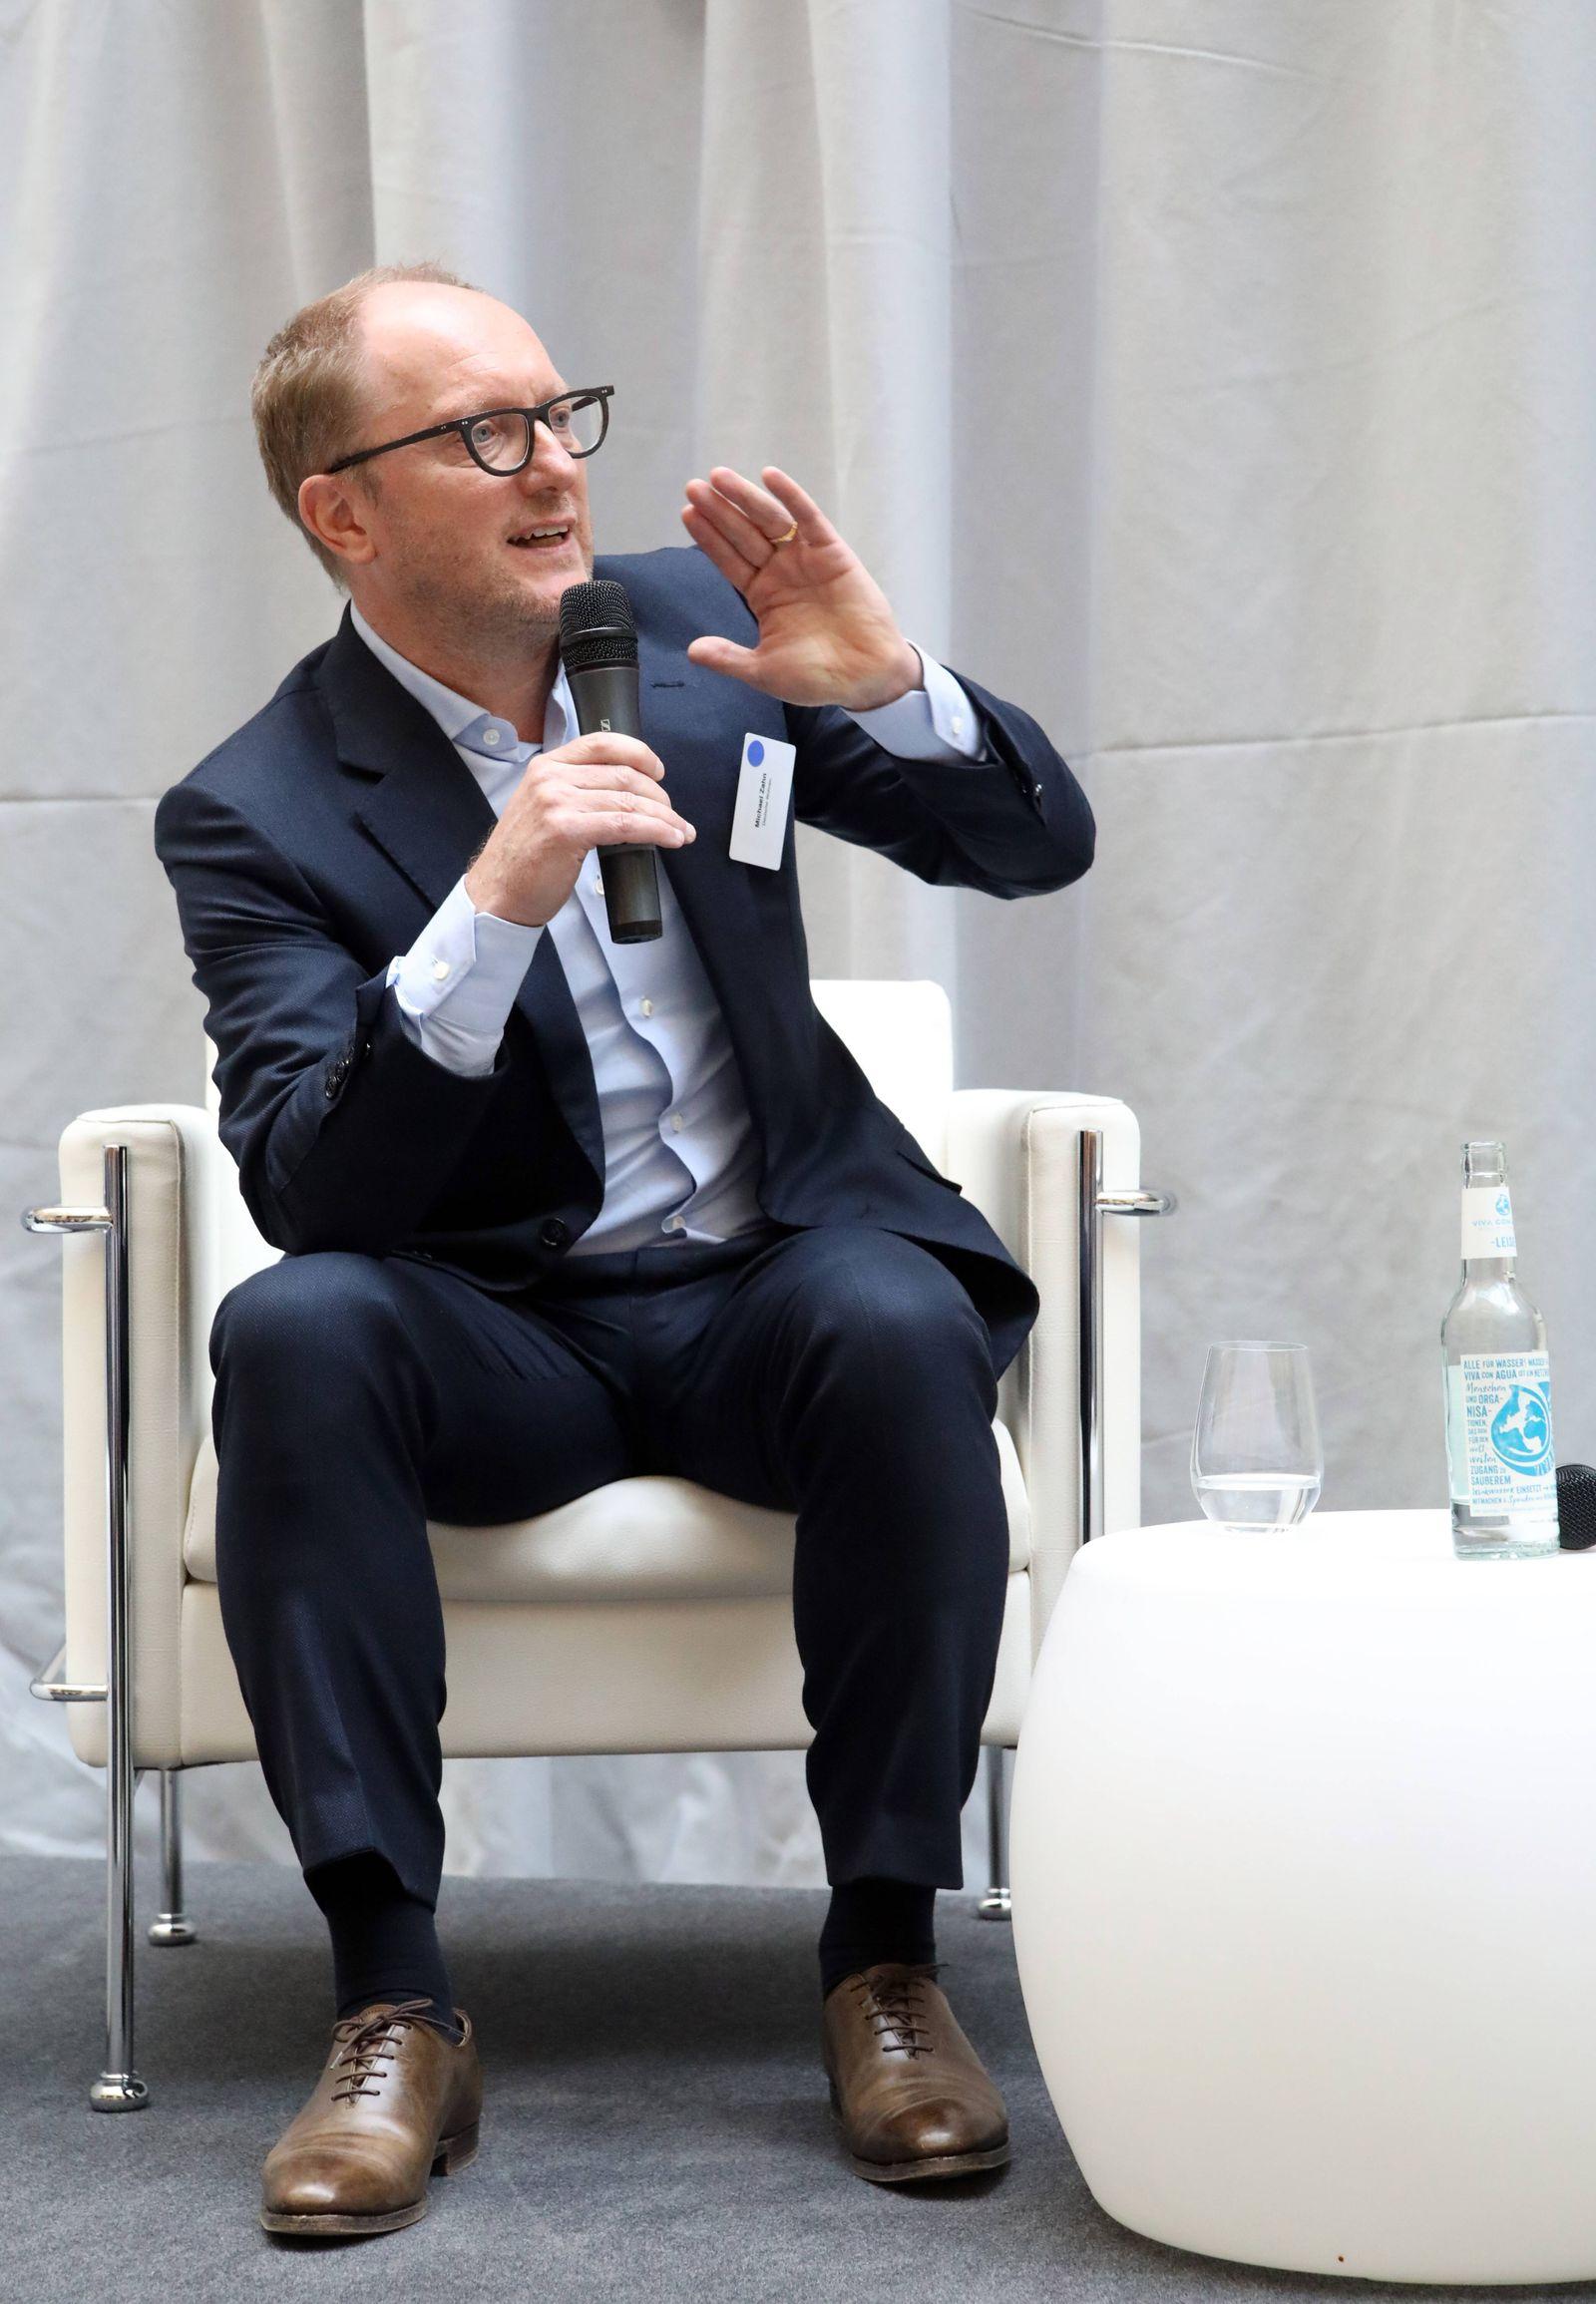 10 04 2019 Berlin Mitte Diskussion über Wohnung Mieten Duell der Kontrahenten Michael Zahn Deuts